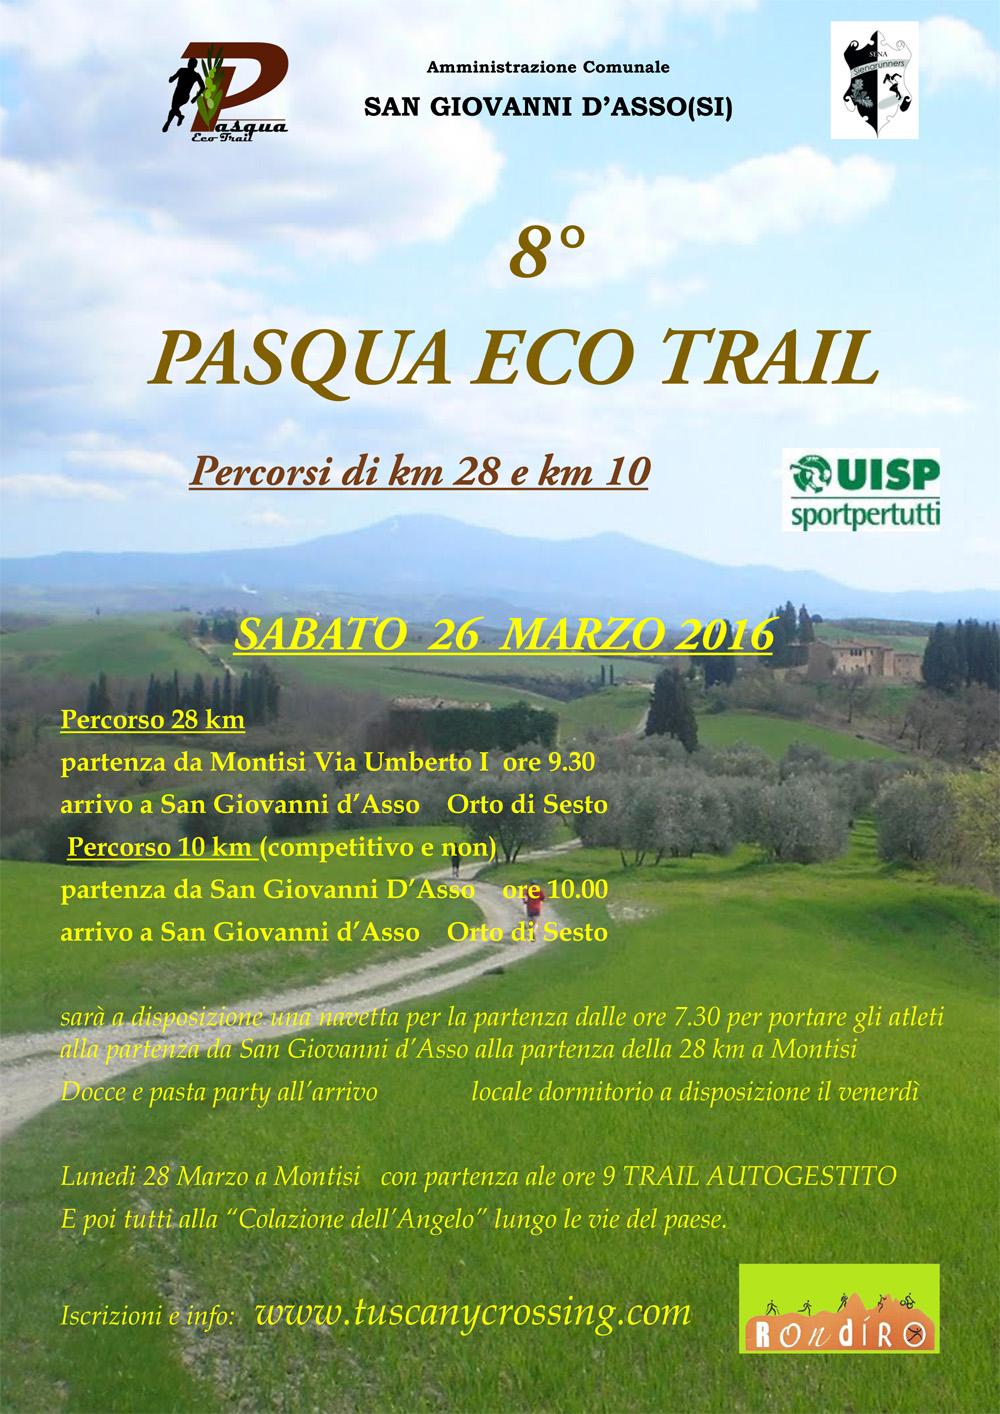 Pasqua Eco Trail